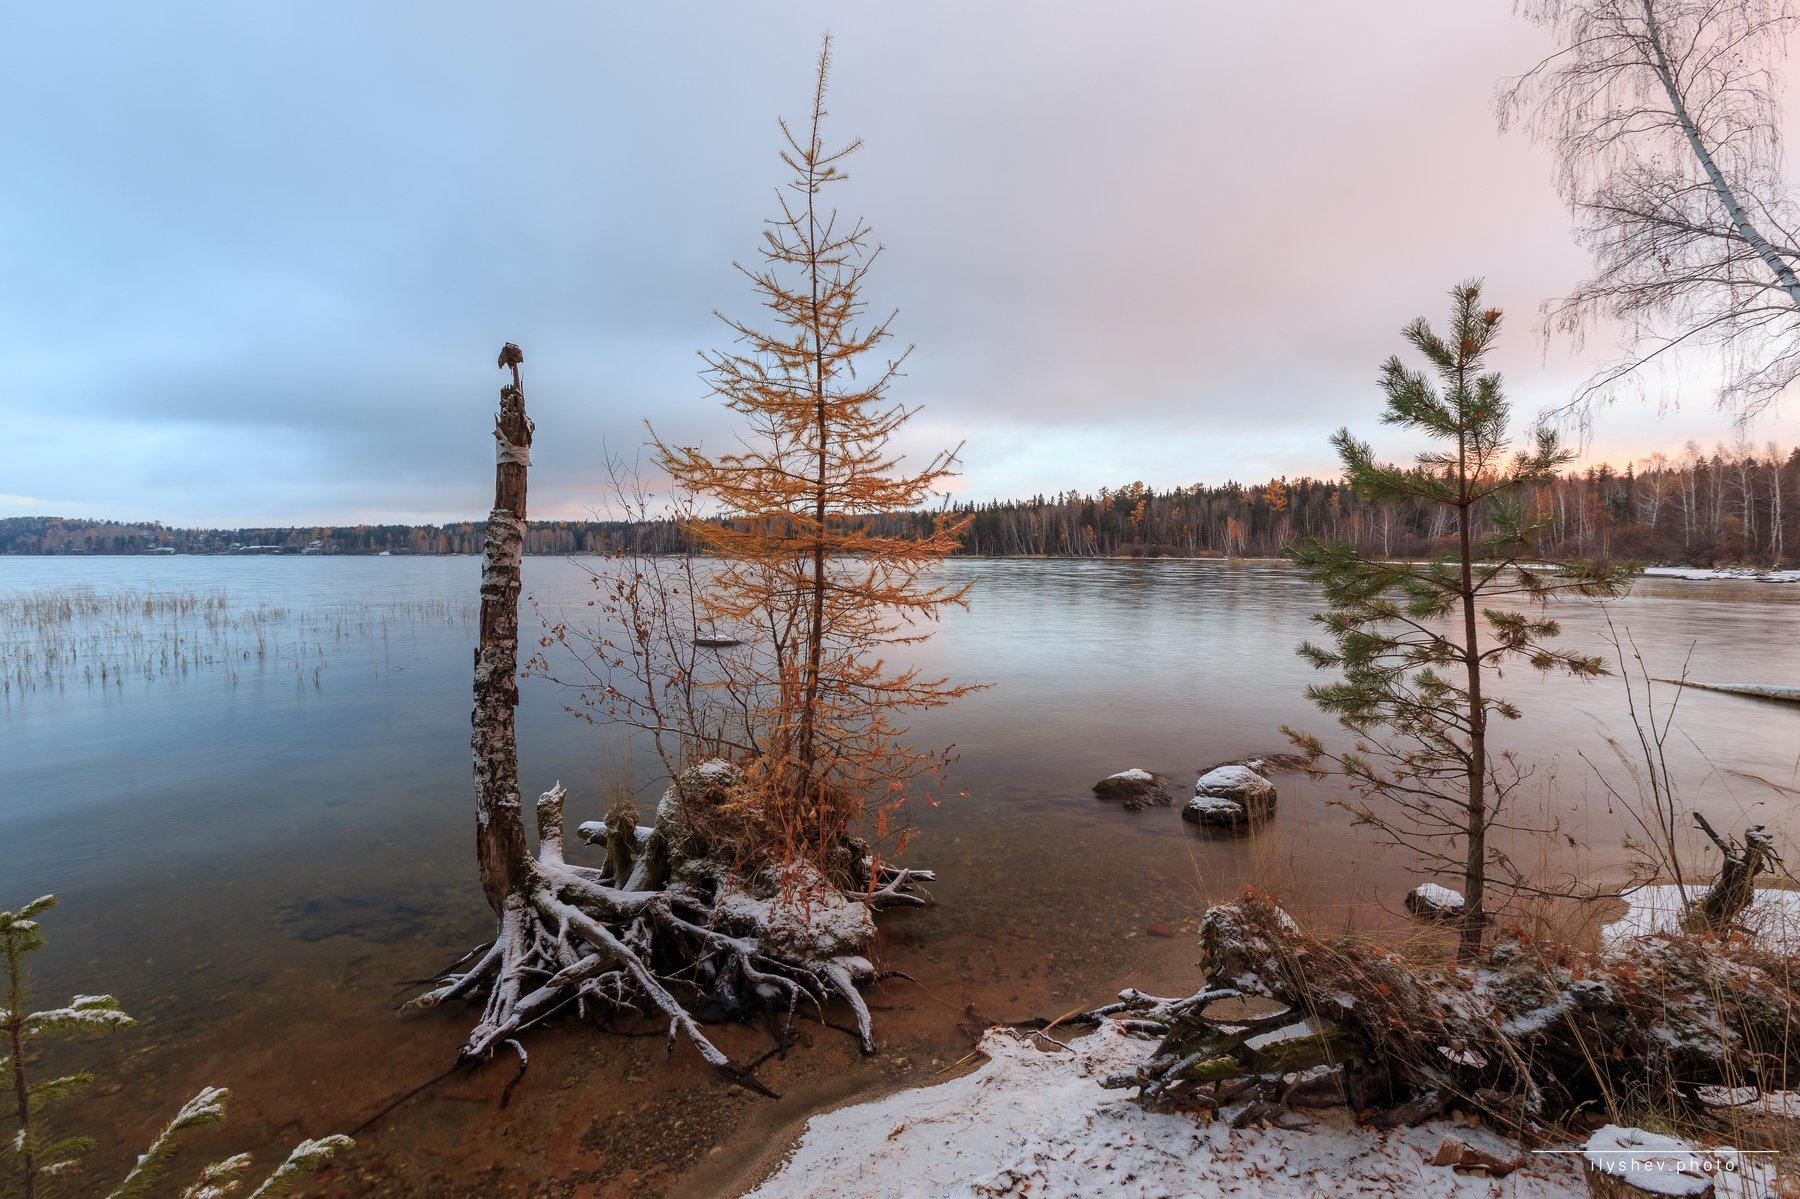 рассвет, озеро, свет, елка, островок, лиственница, пейзаж, природа, урал, россия, Дмитрий Илышев